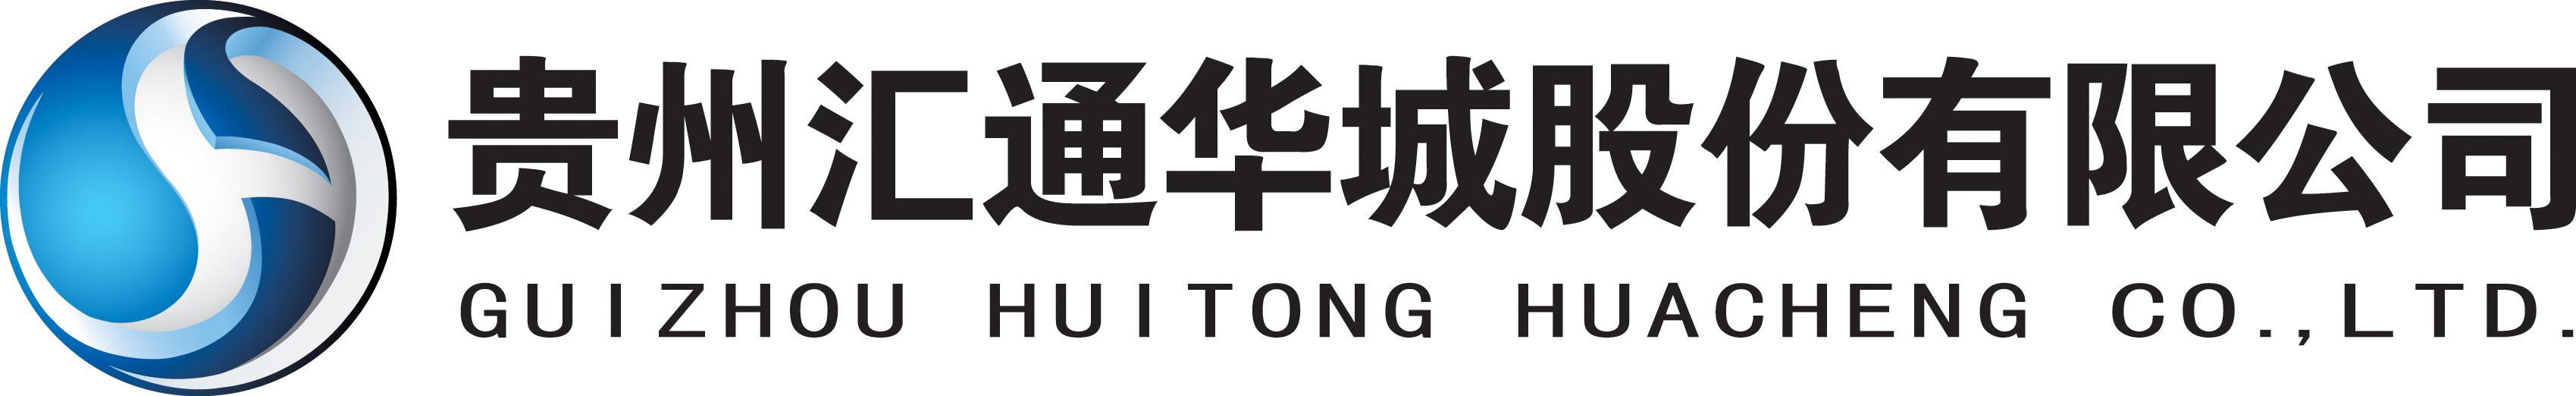 贵州汇通华城股份有限公司